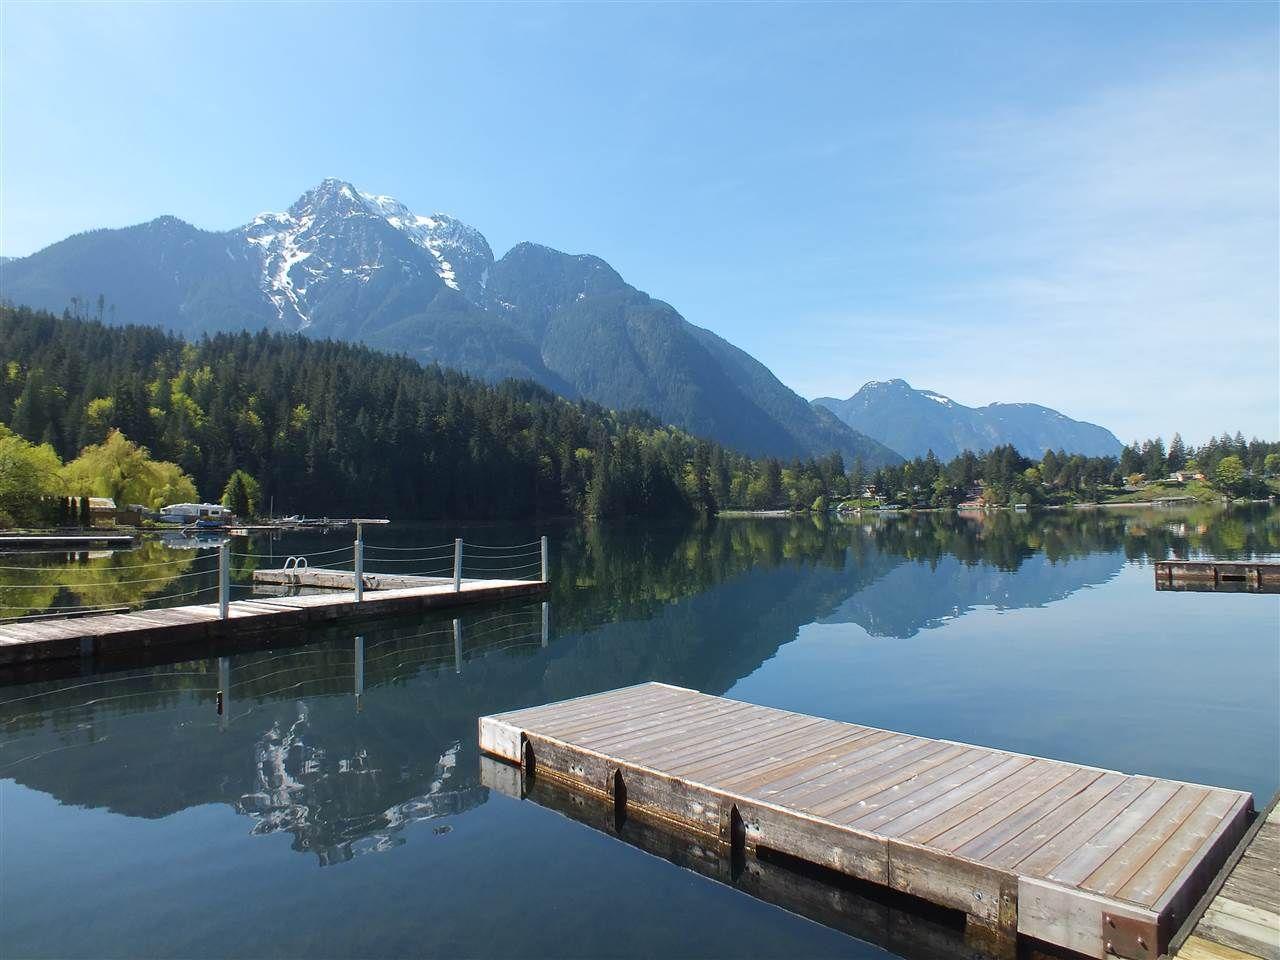 Main Photo: 66580 KERELUK ROAD in : Hope Kawkawa Lake House for sale : MLS®# R2057235